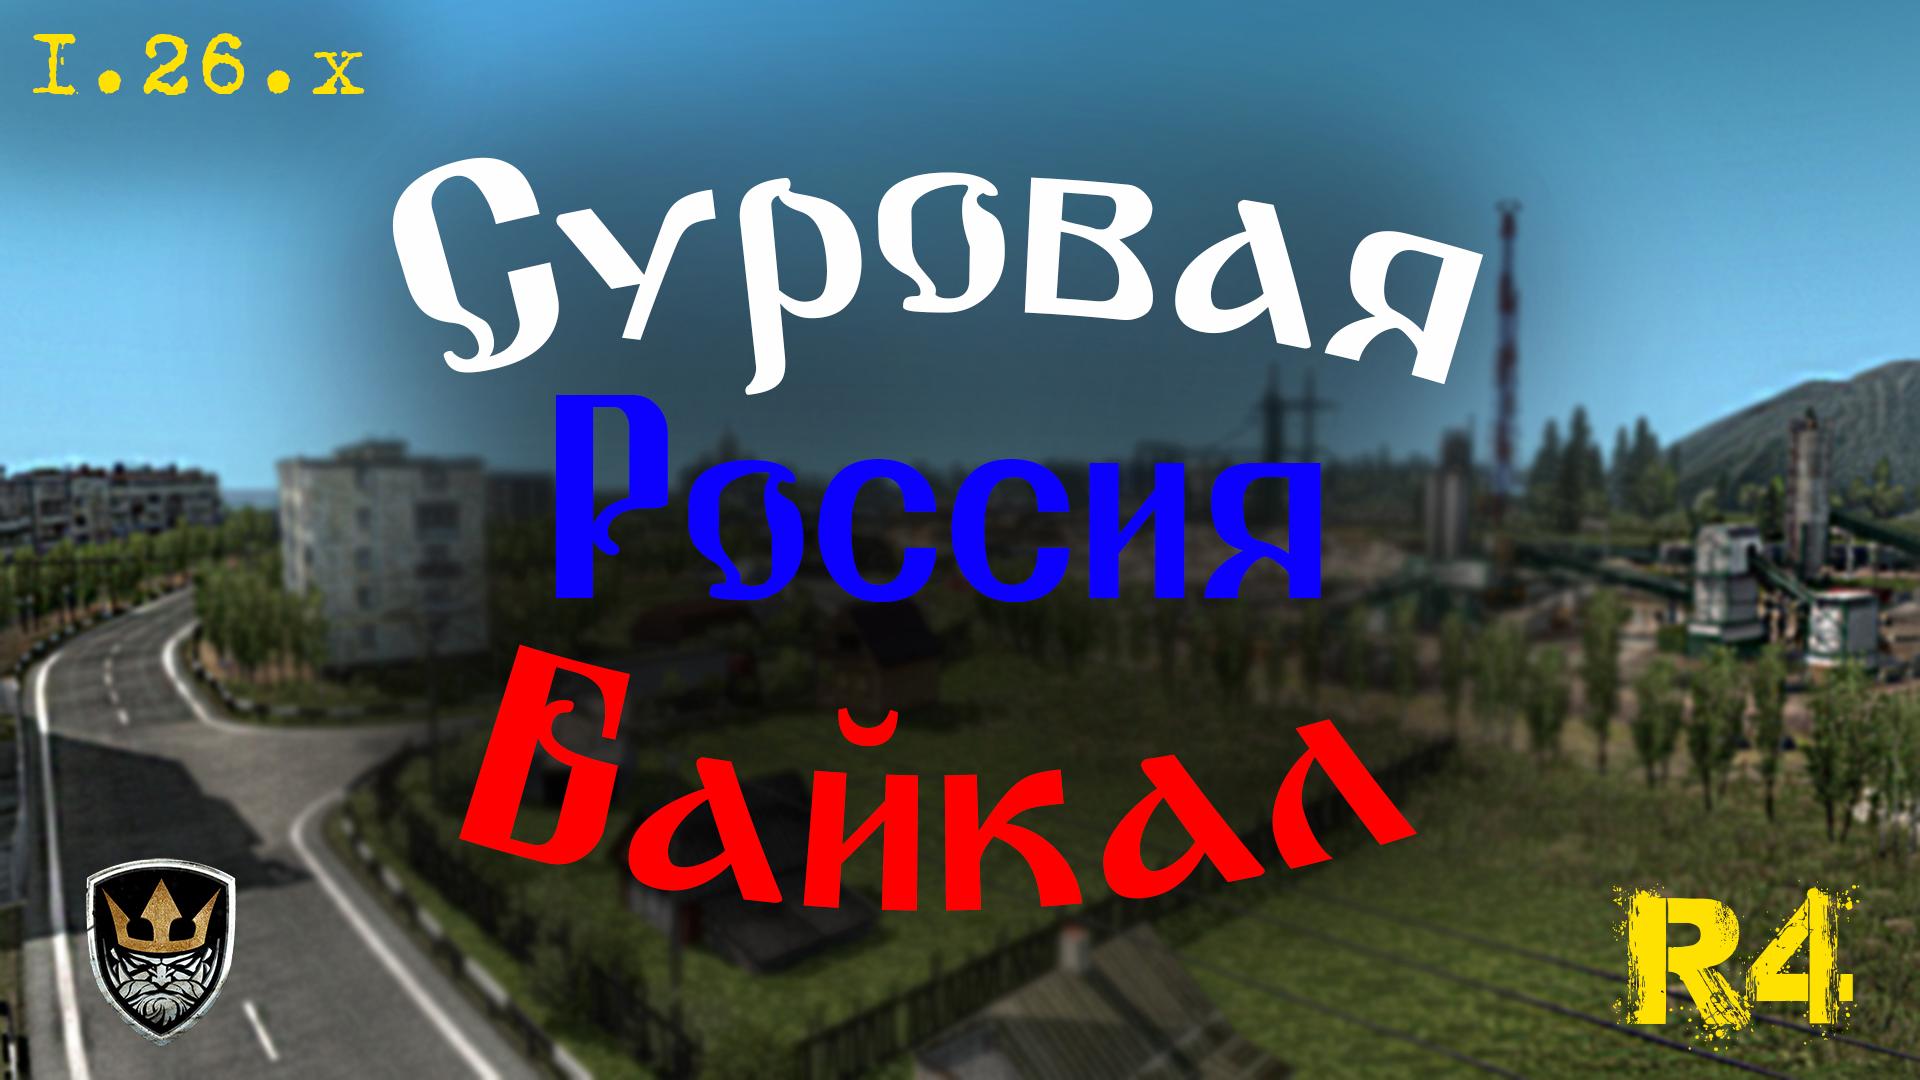 Скачать суровая россия euro truck simulator 2.